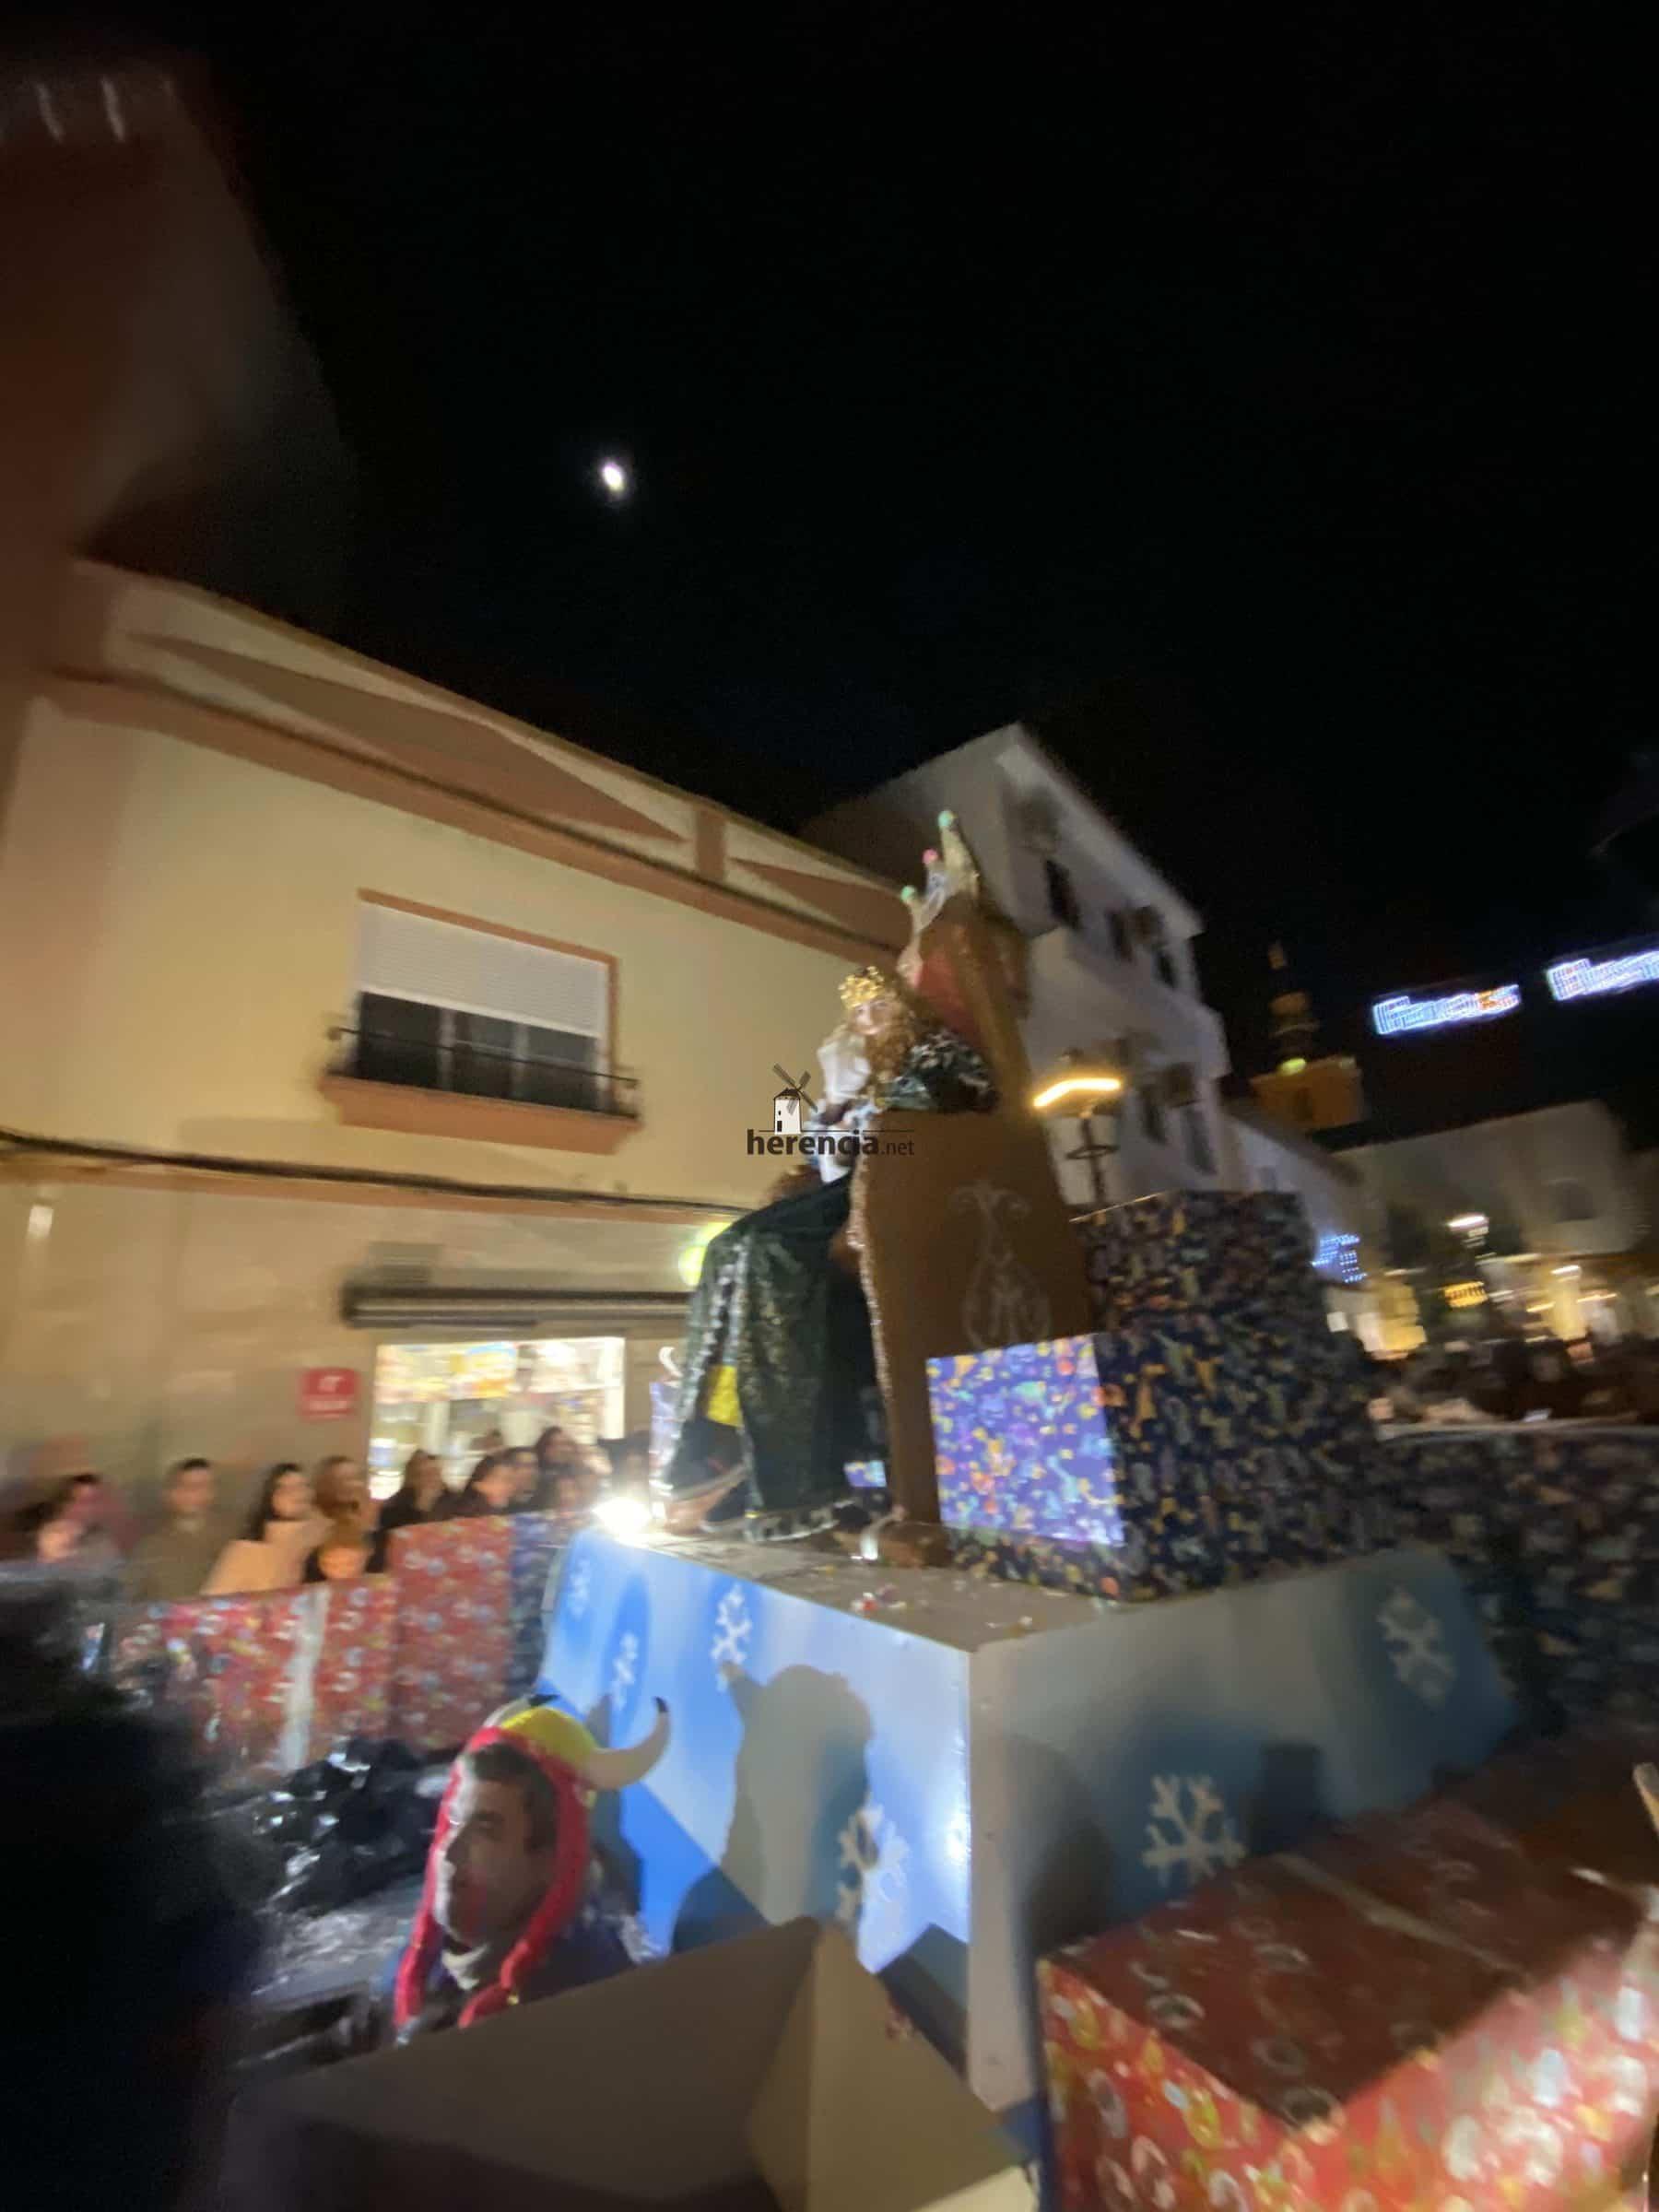 cabalgata reyes 2019 herencia 12 e1578264231230 - Galería de fotografías de Cabalgata de Reyes Magos de Herencia